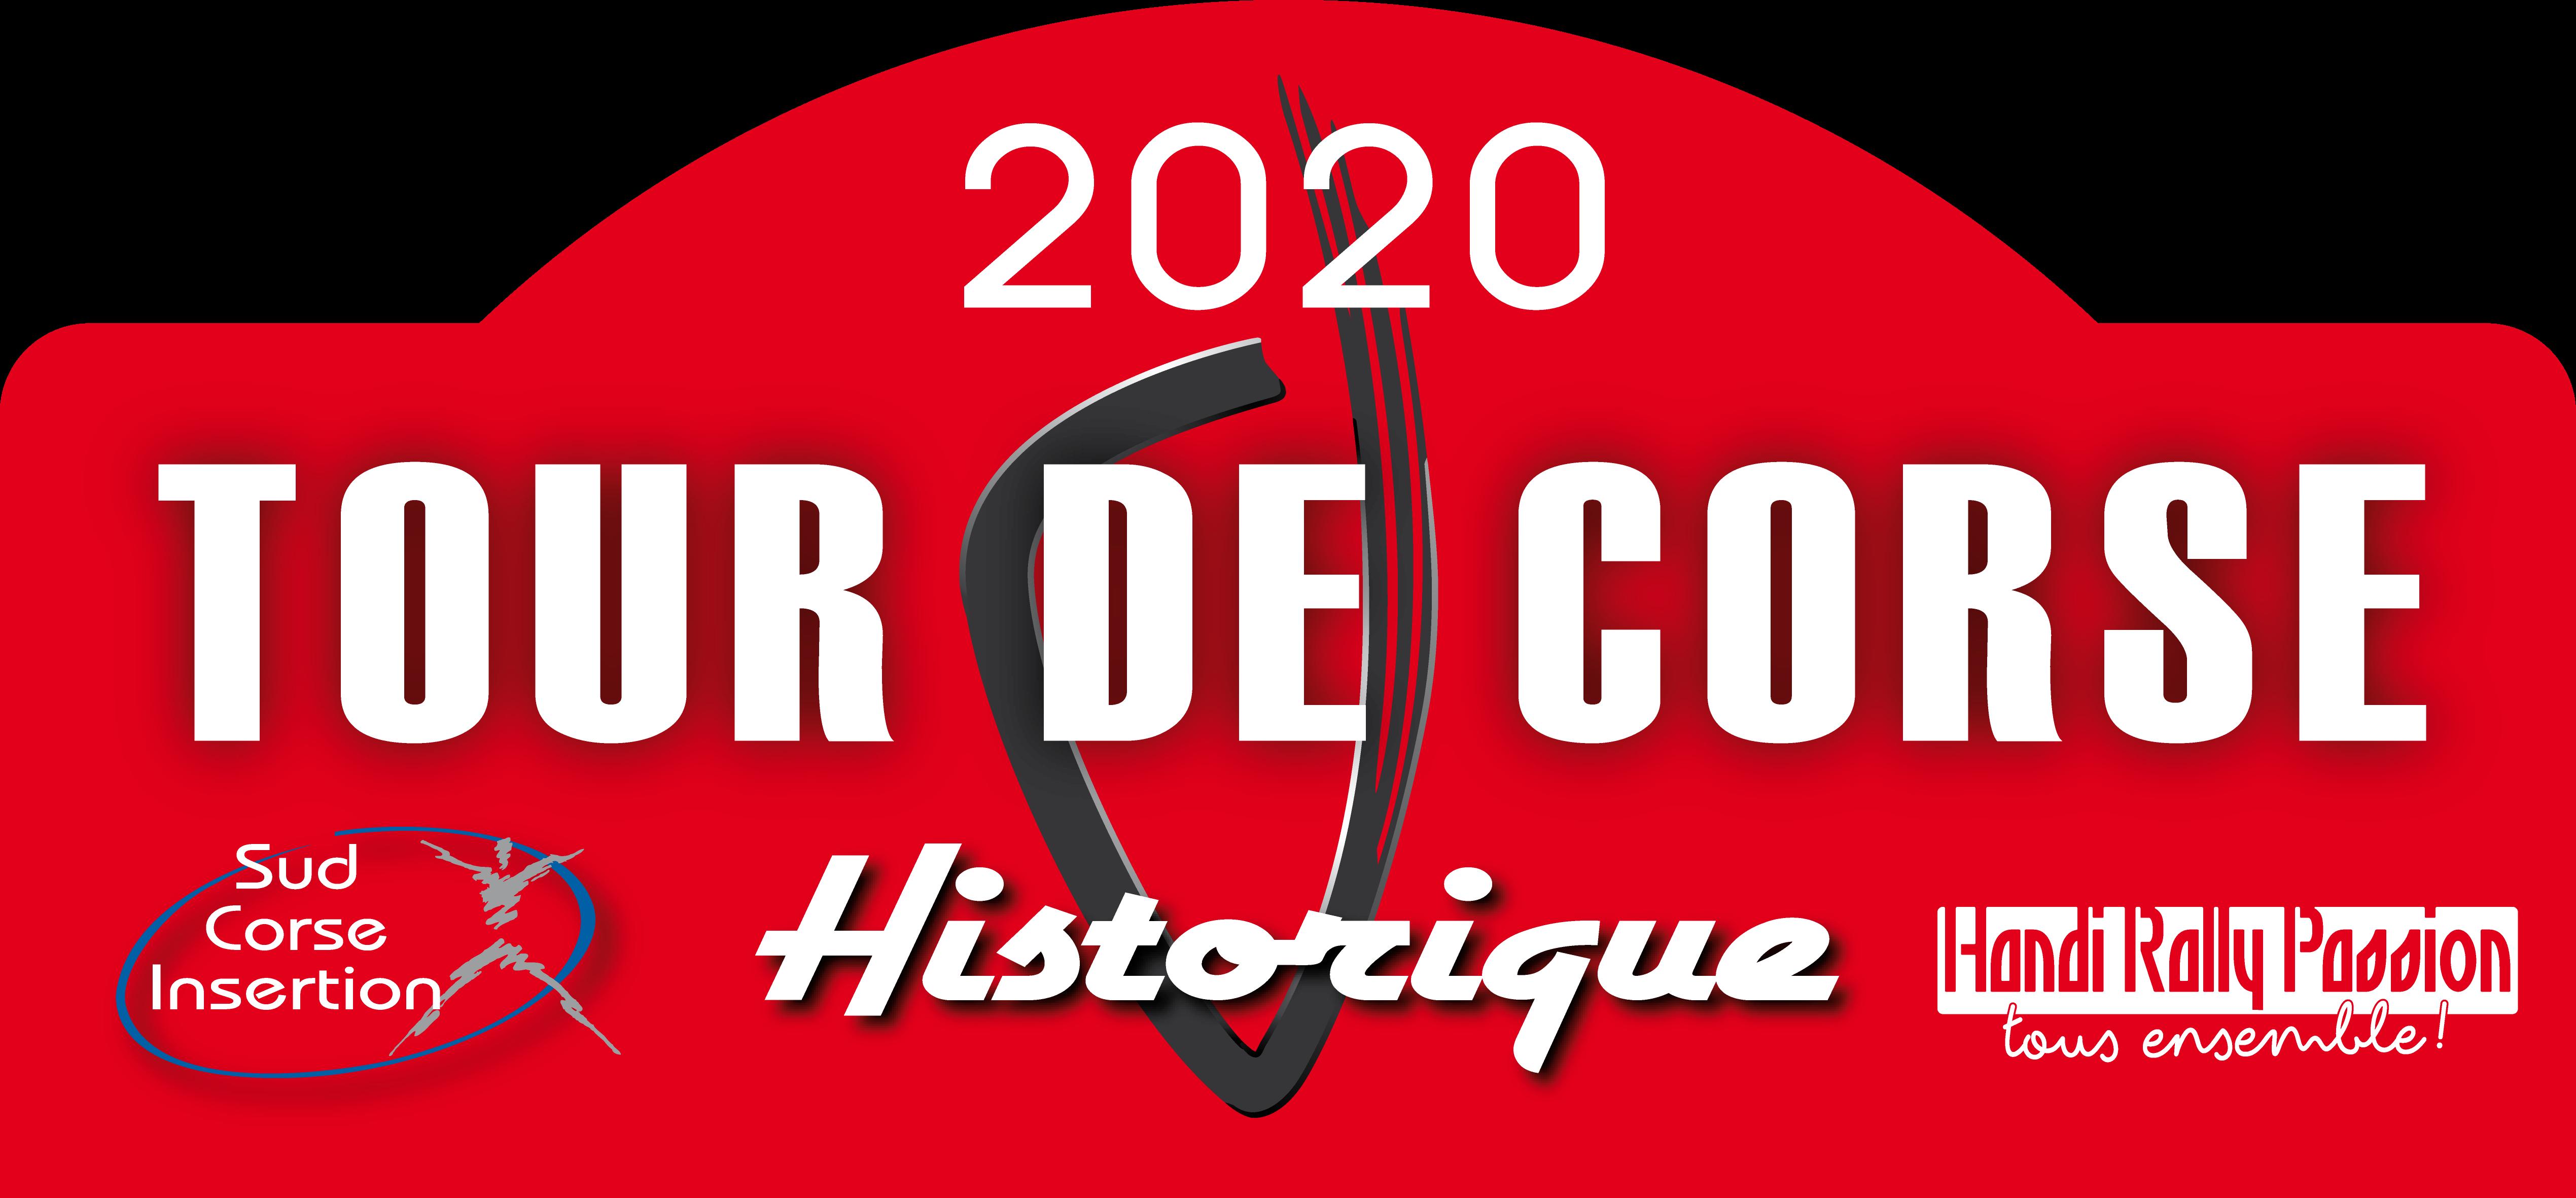 Tour de Corse_ 5 au 10 octobre 2020